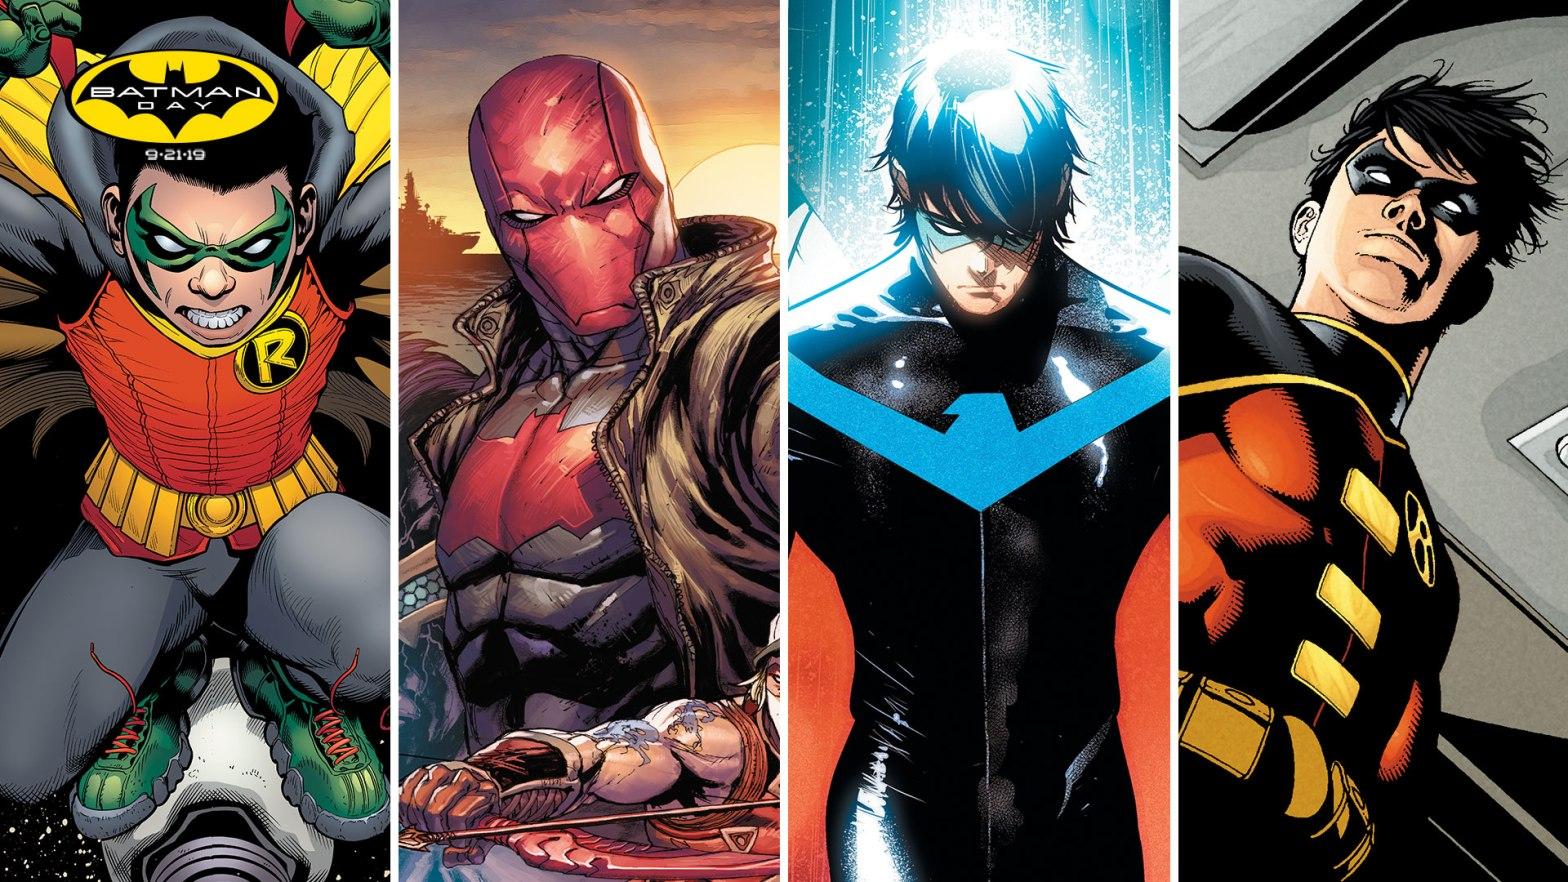 All four Robin